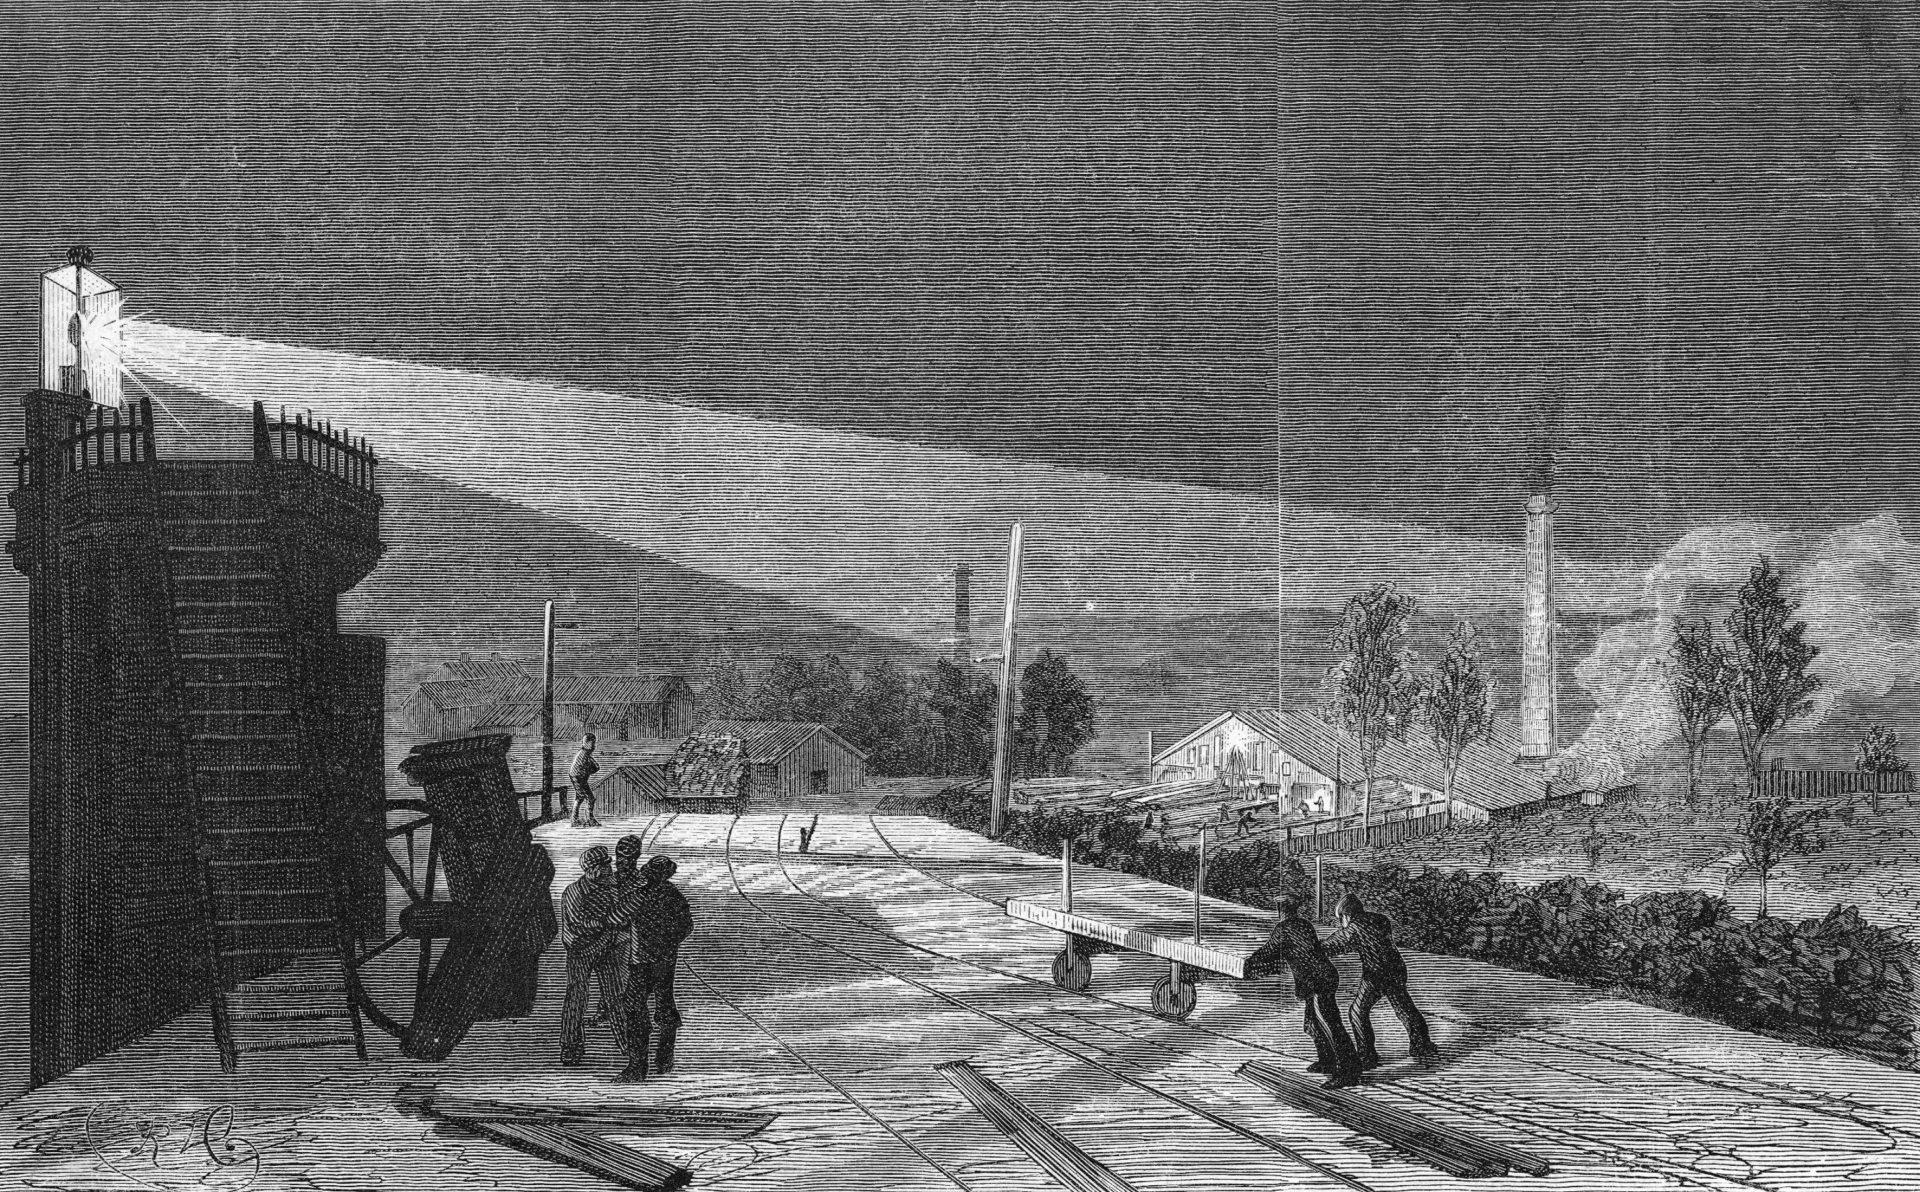 Teckning av sågverket i Näs när det var upplyst med bågljuslampor. Två män knuffar en vagn. Tre män pratar.